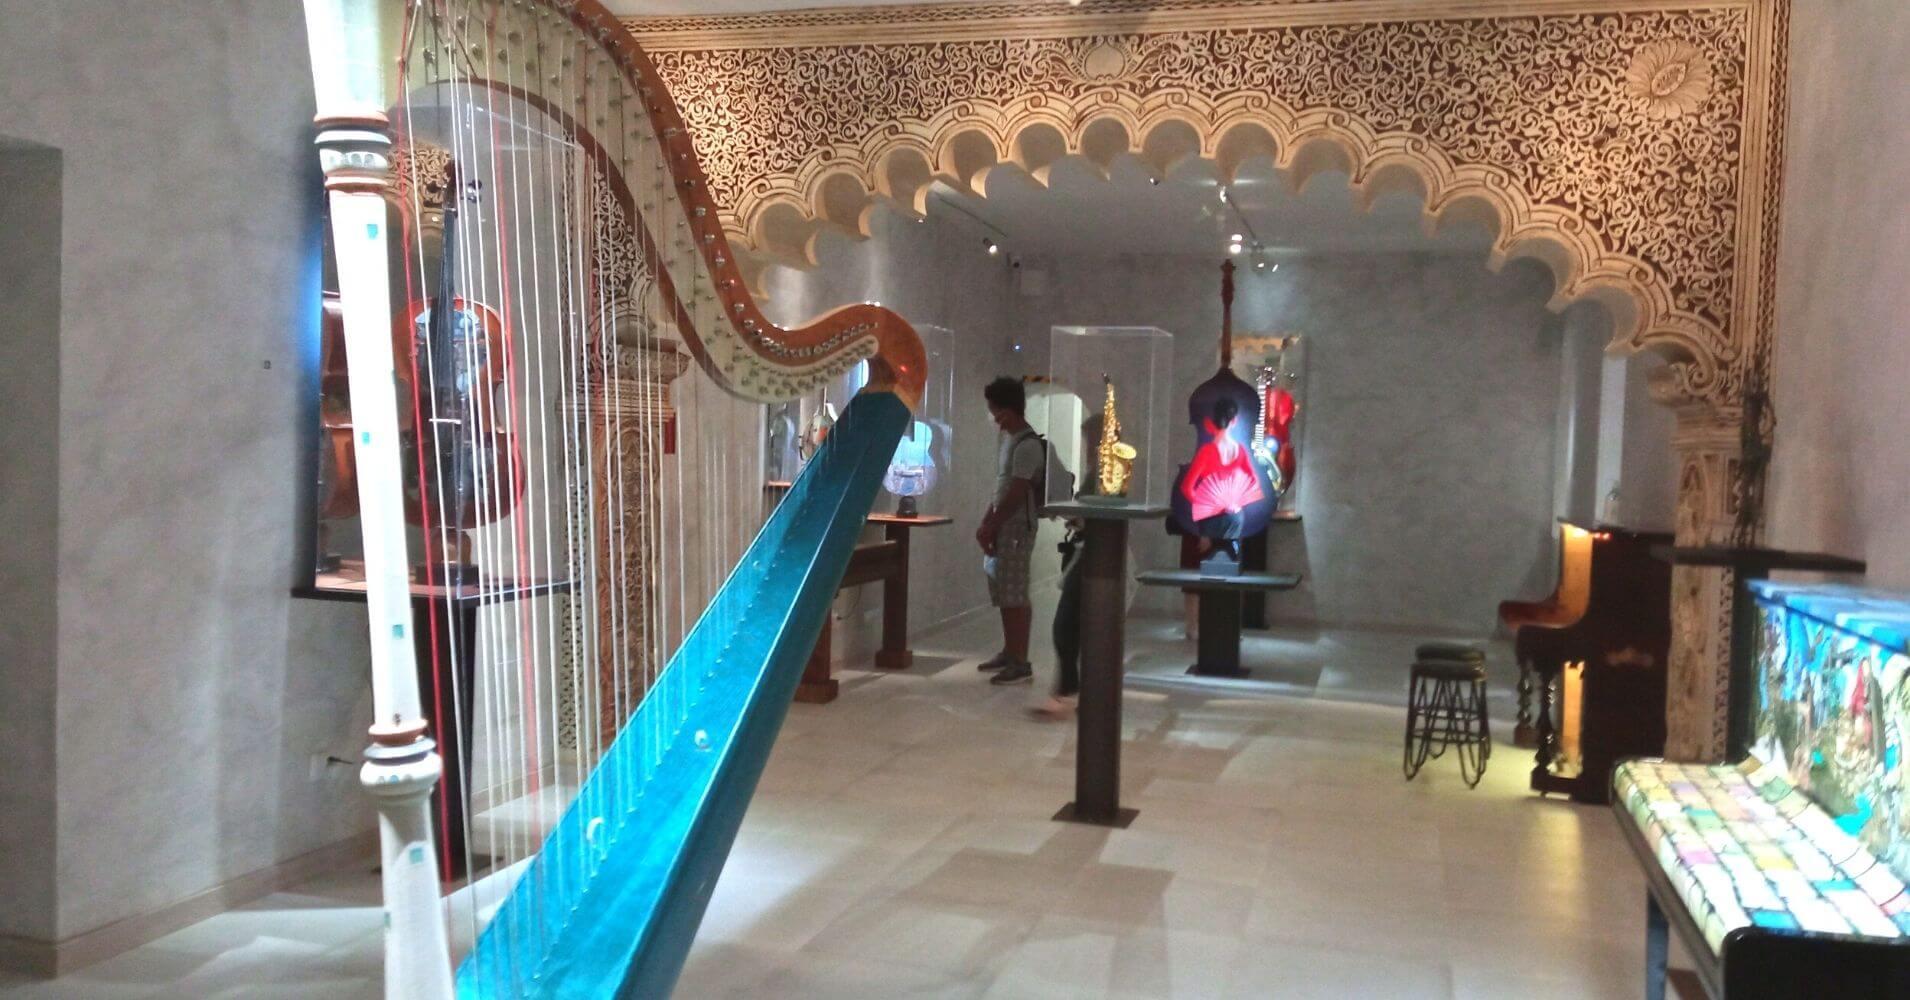 Detalle del Arpa Faro de los Pintores. Museo Cromática Toledo.